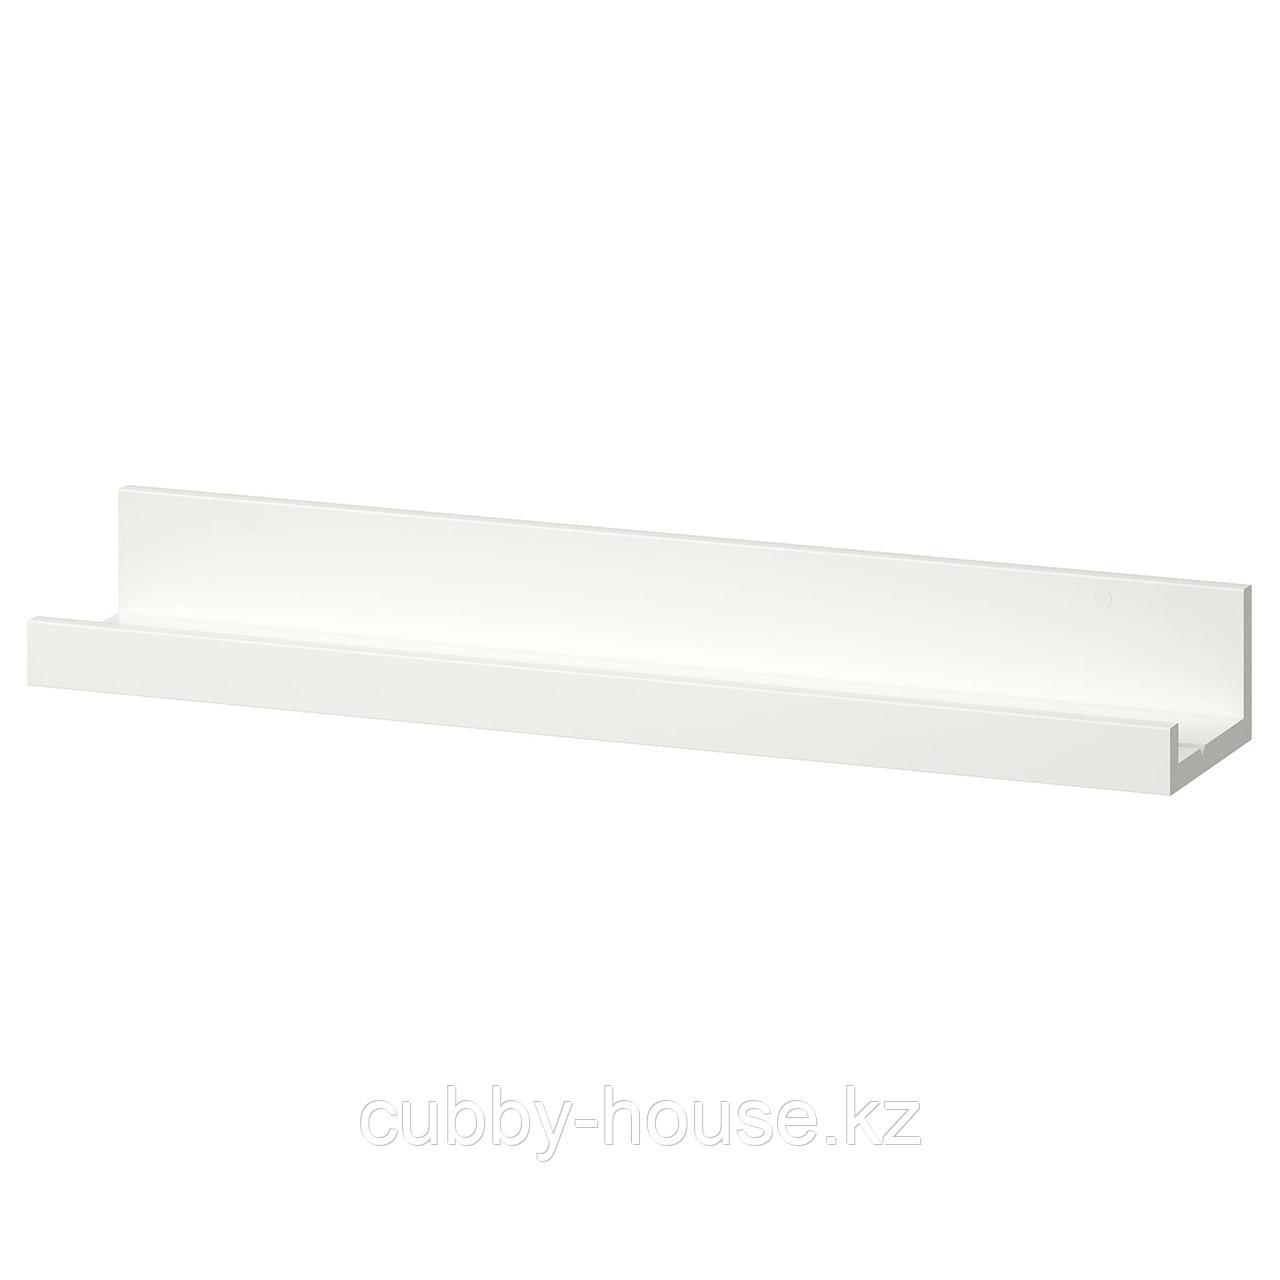 МОССЛЭНДА Полка для картин, белый, 55 см